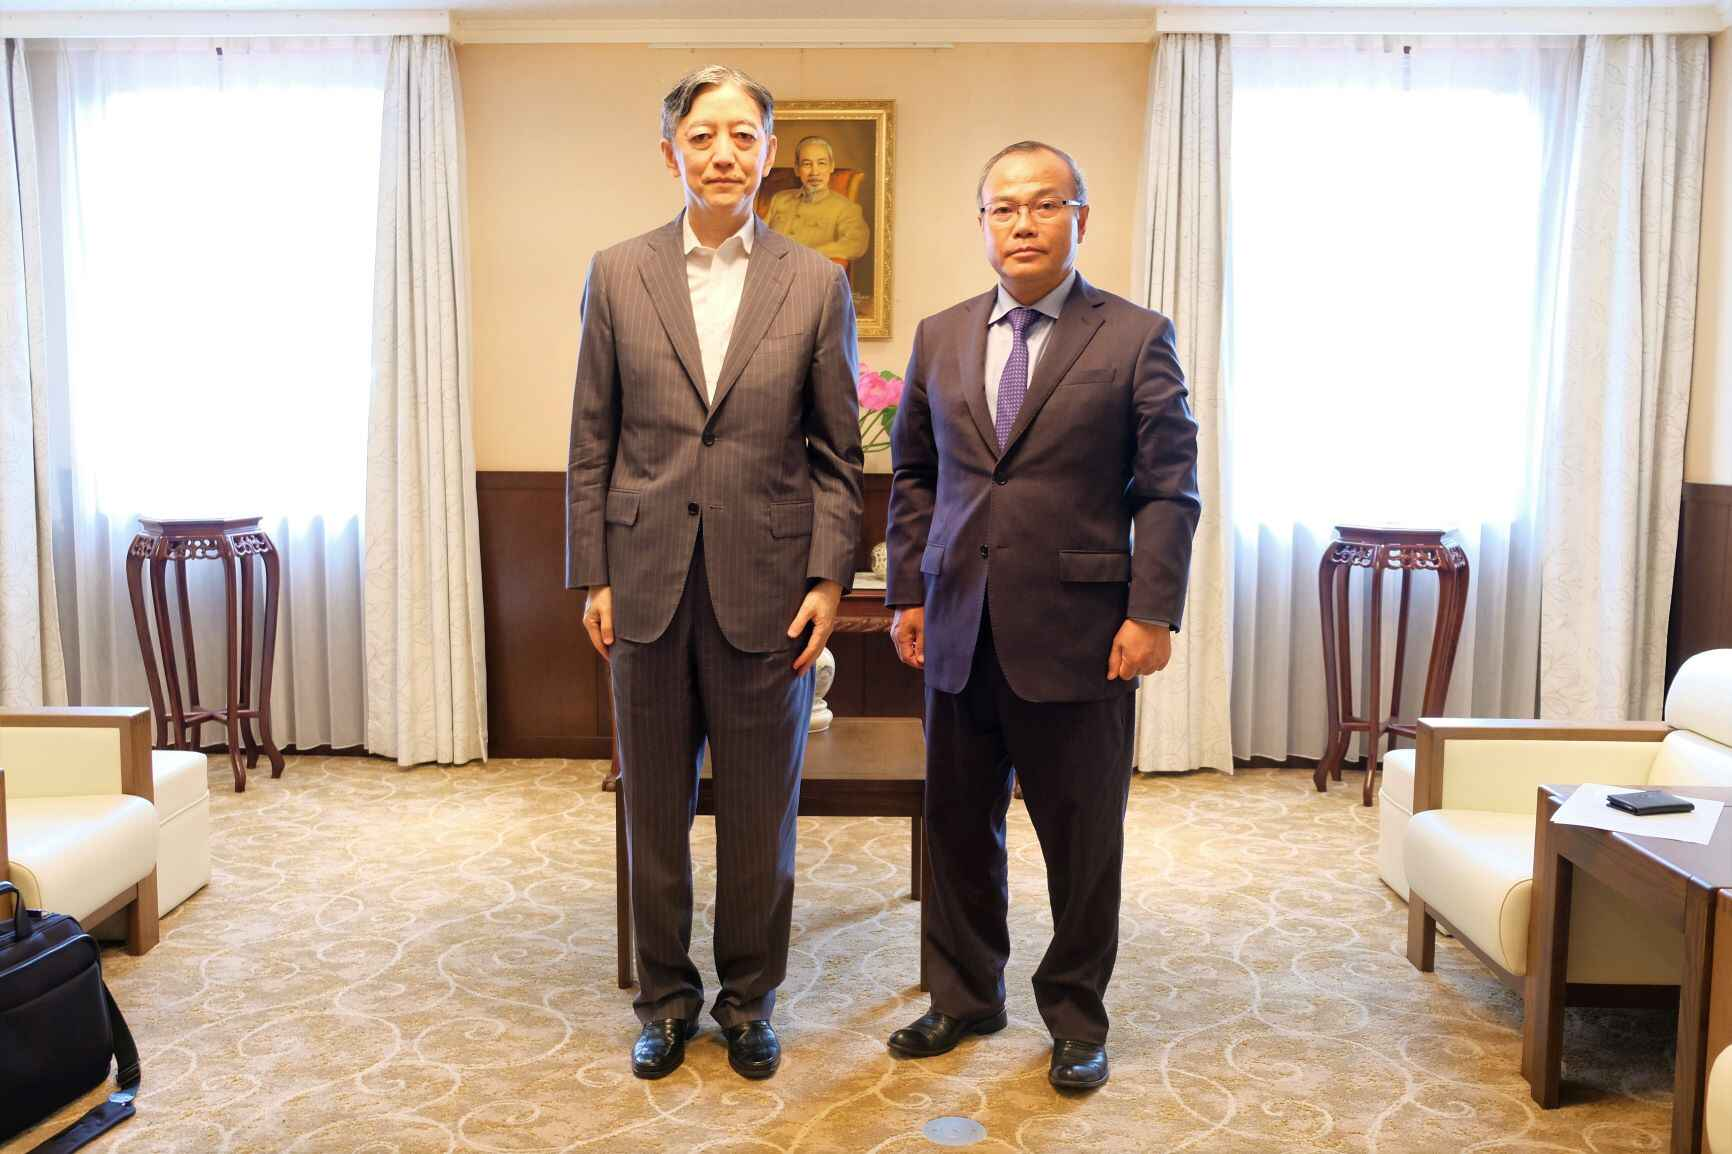 Đại sứ Vũ Hồng Nam tiếp Thứ trưởng Bộ Kinh tế, Thương mại và Công nghiệp Nhật Bản (METI)